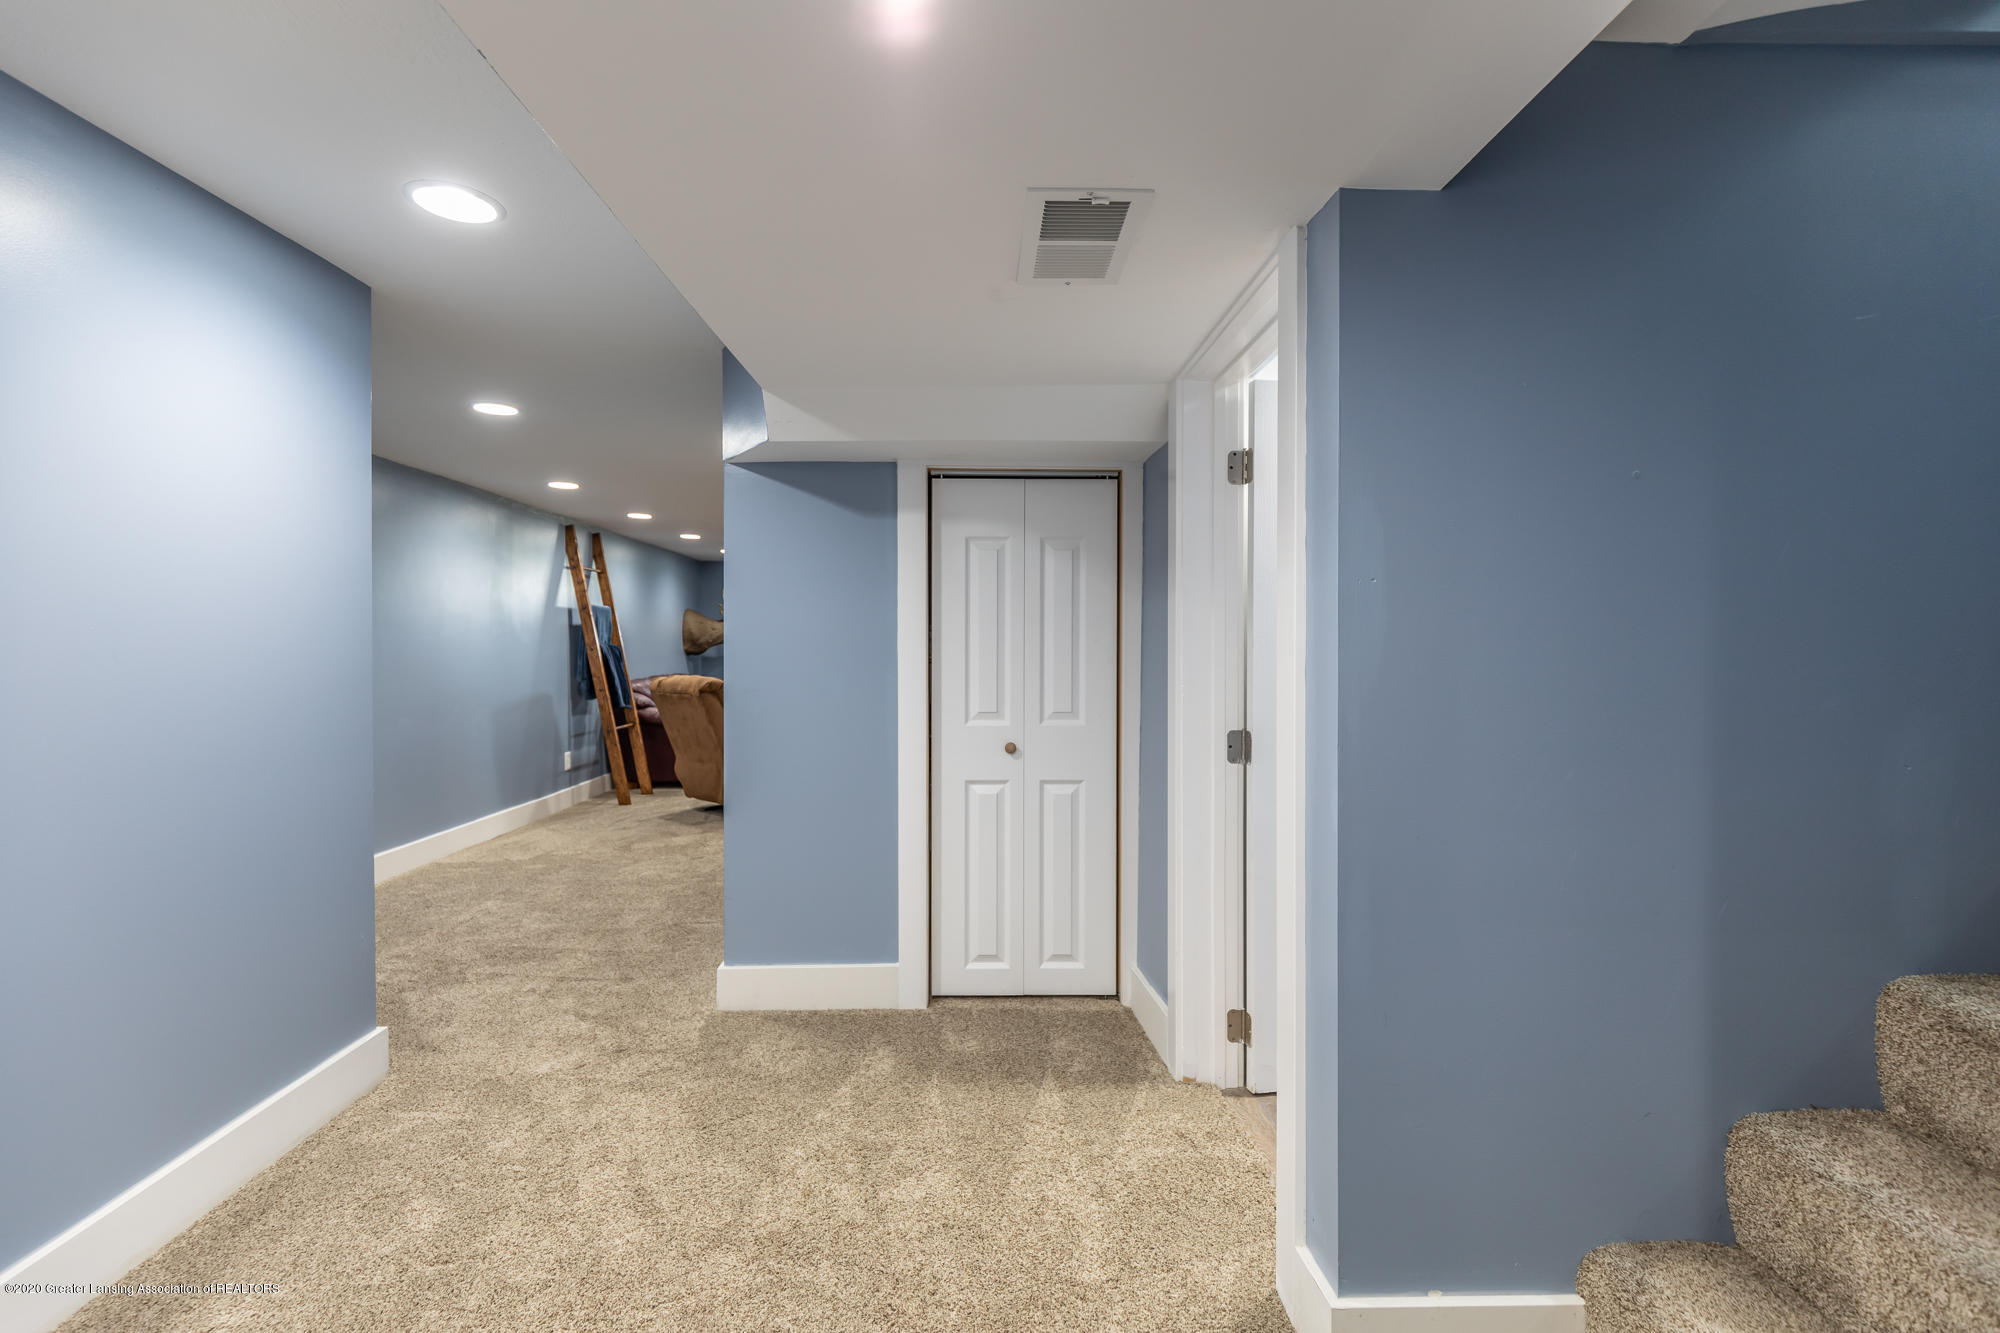 205 W Herbison Rd - Lower level hallway - 26